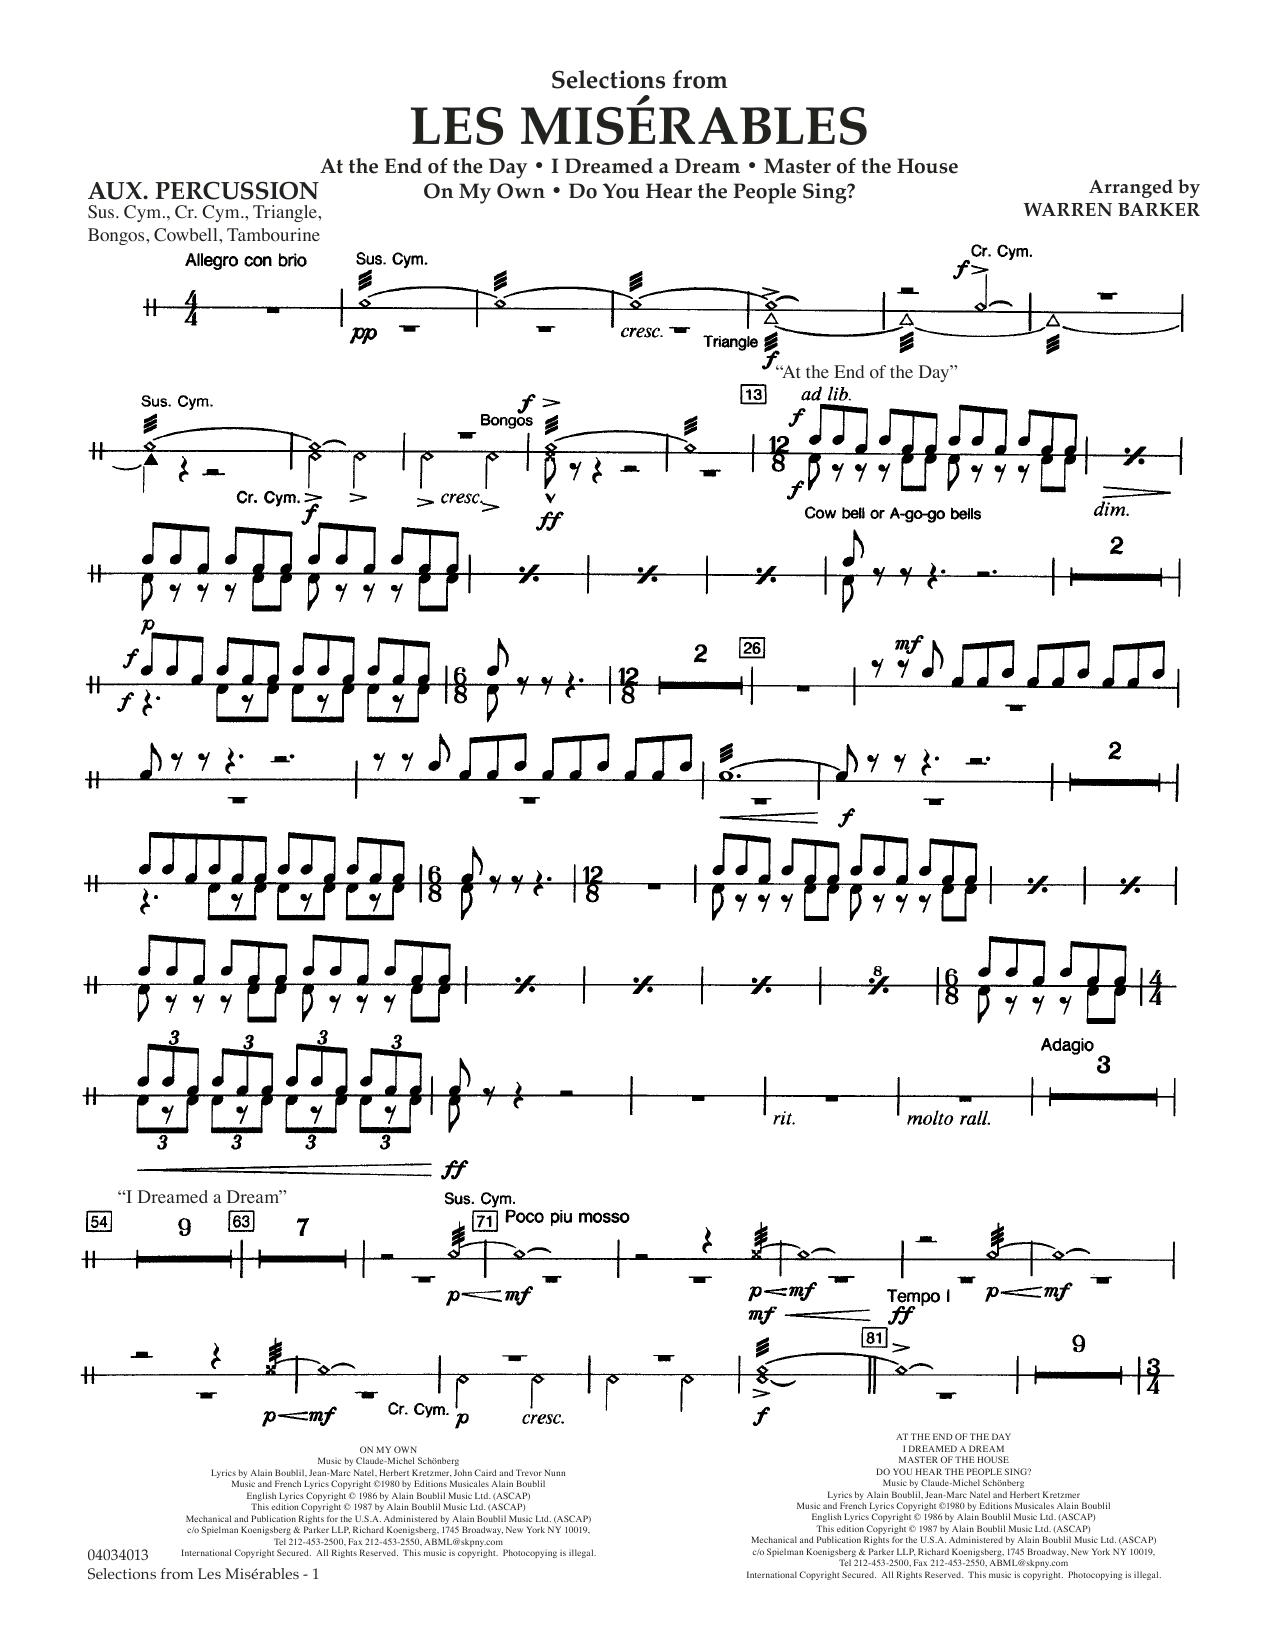 Selections from Les Misérables (arr. Warren Barker) - Aux Percussion (Concert Band)